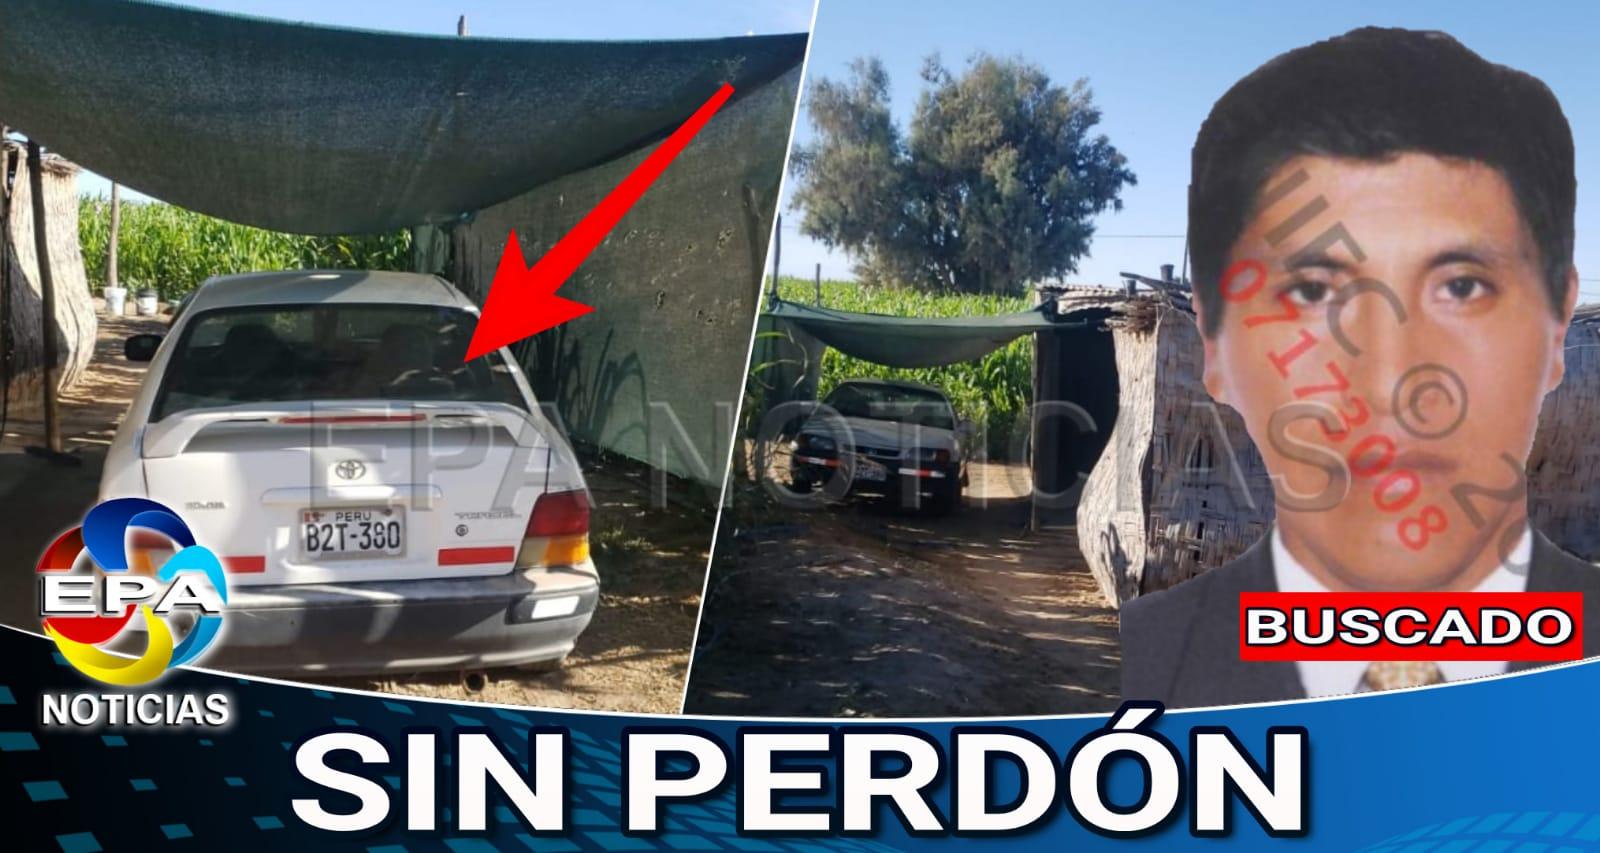 Arequipa. Buscan a obrero por crimen de su hija que fue abandonada en su auto.